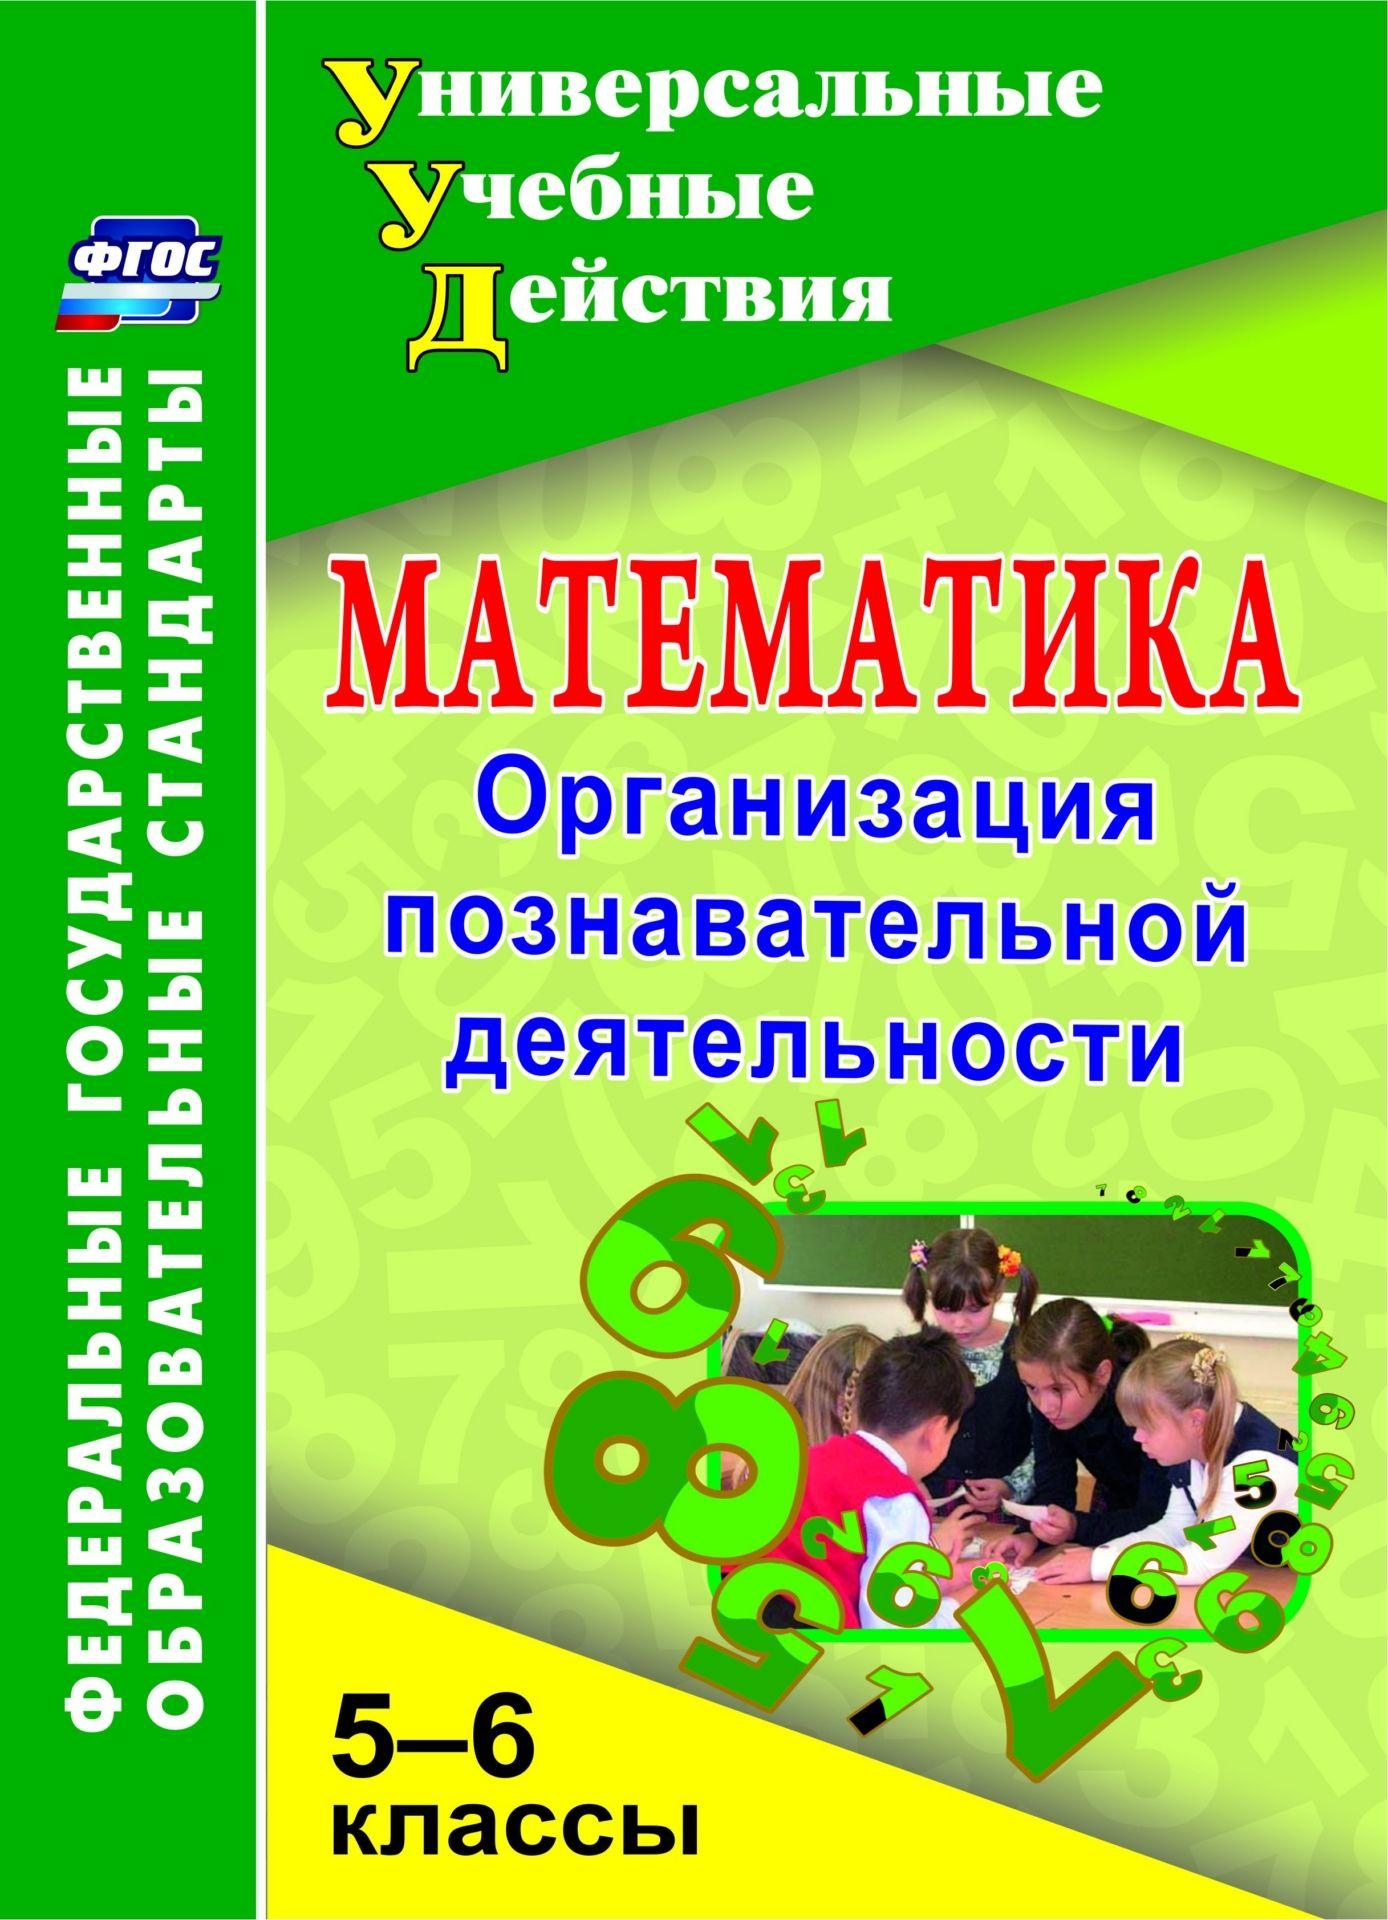 Математика. 5-6 классы: Организация познавательной деятельности